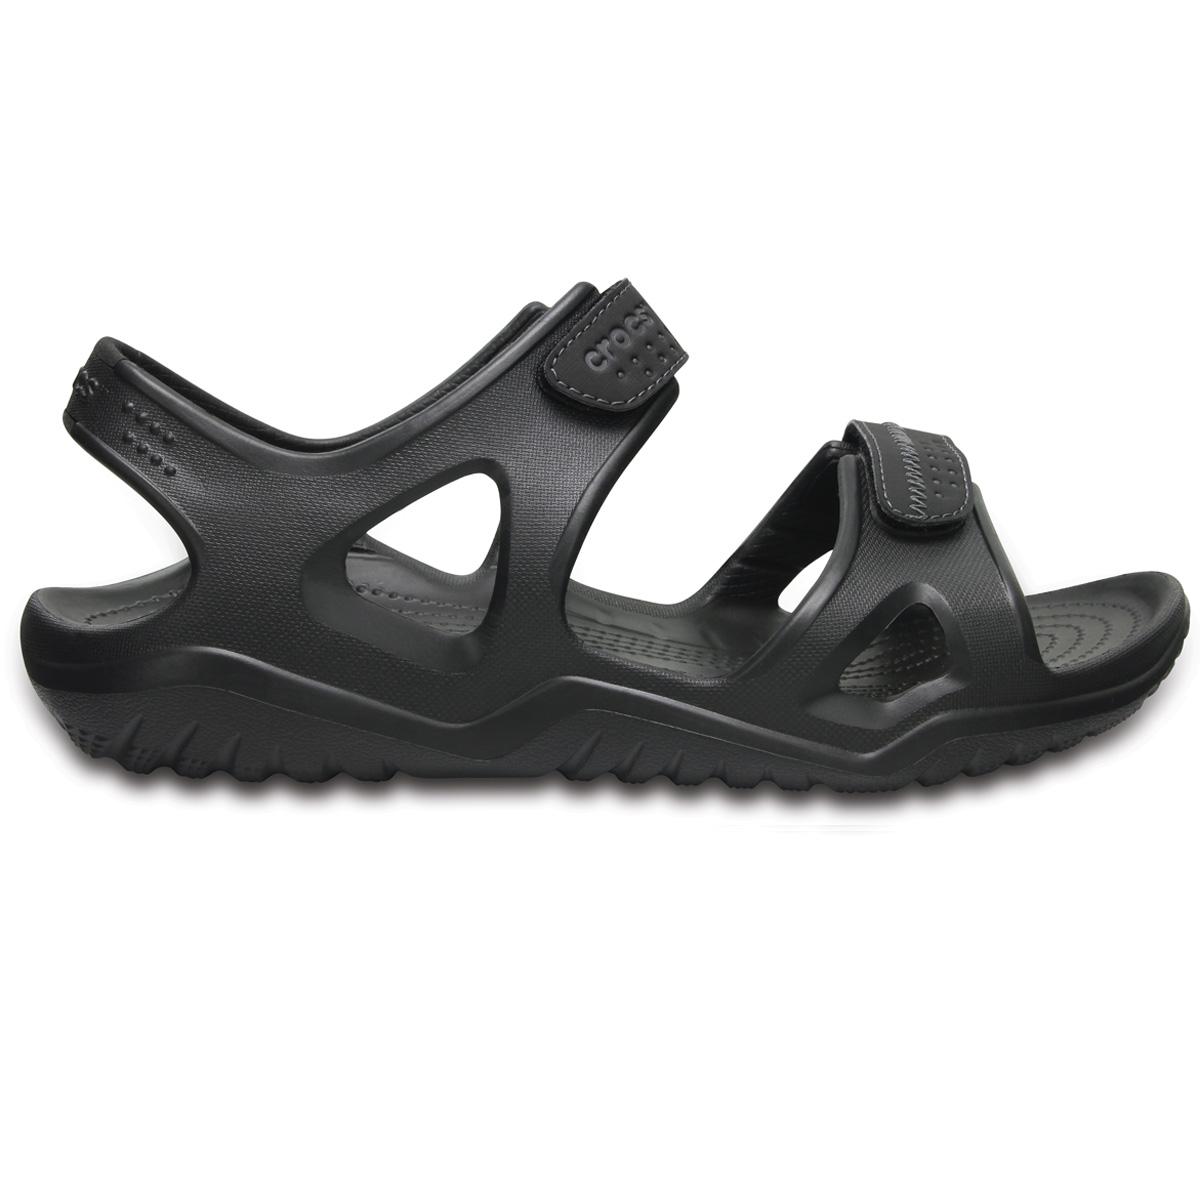 Swiftwater River Sandal M - Siyah/Siyah